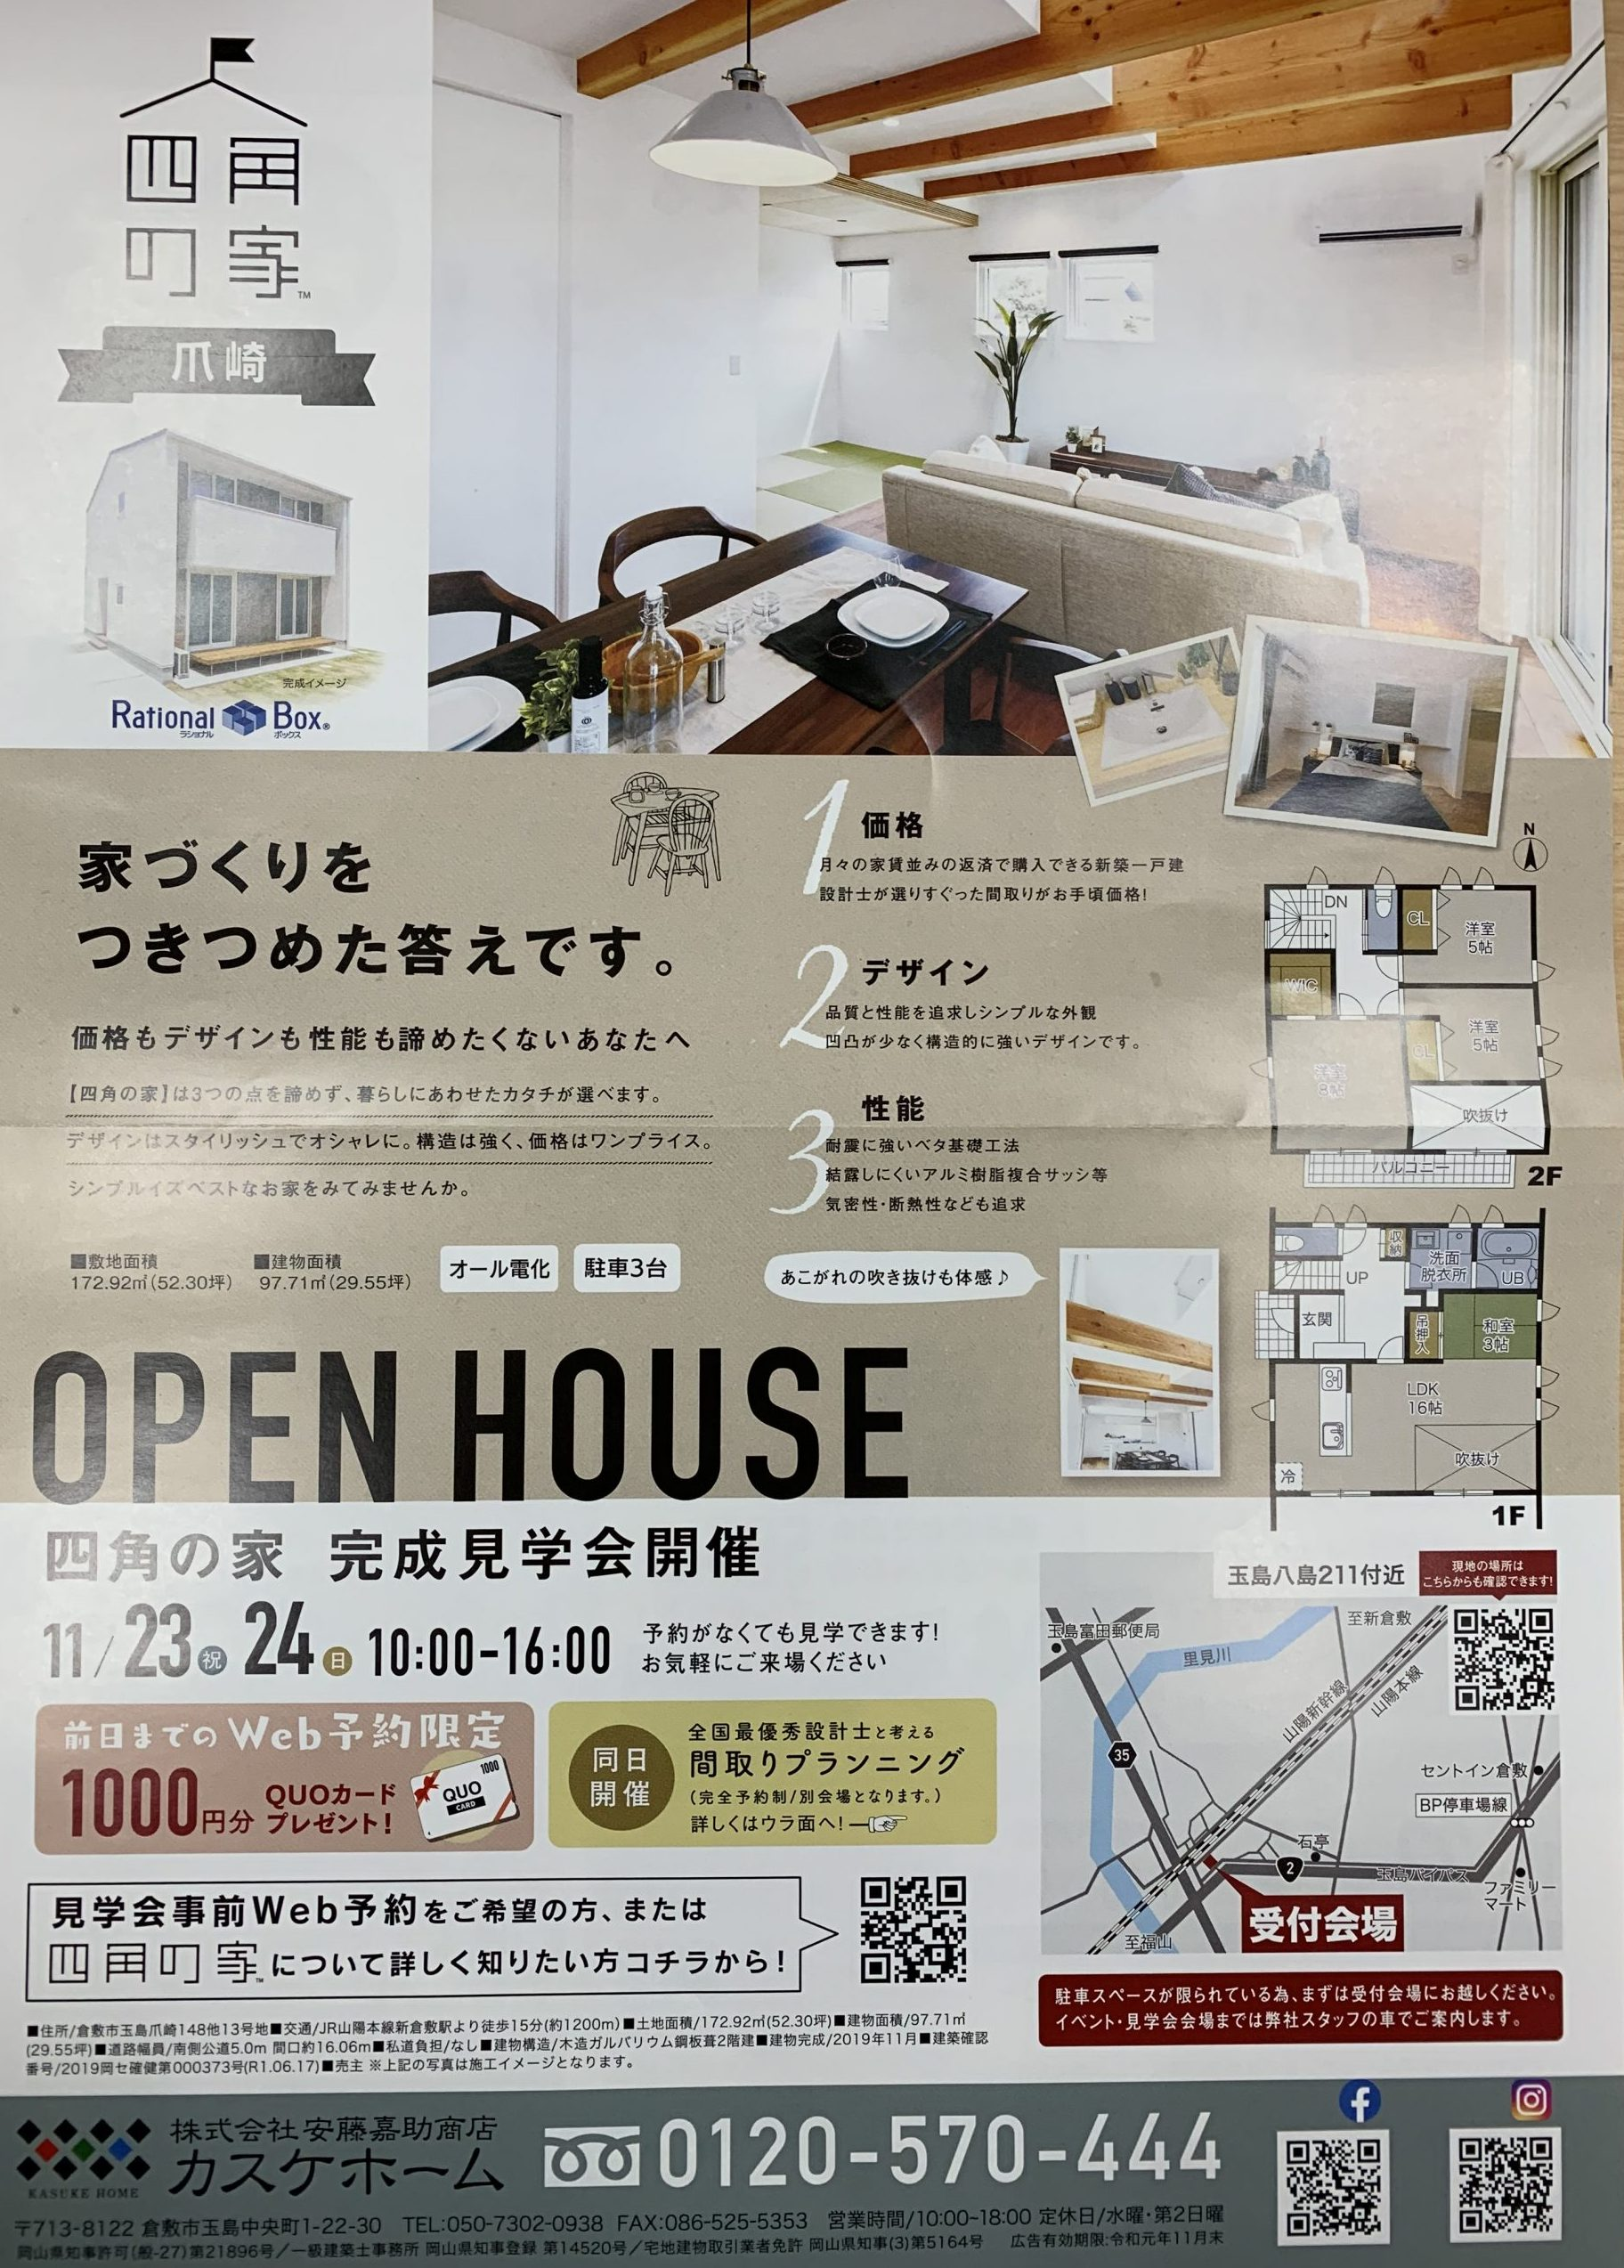 11/23㈯・24㈰ オープンハウス